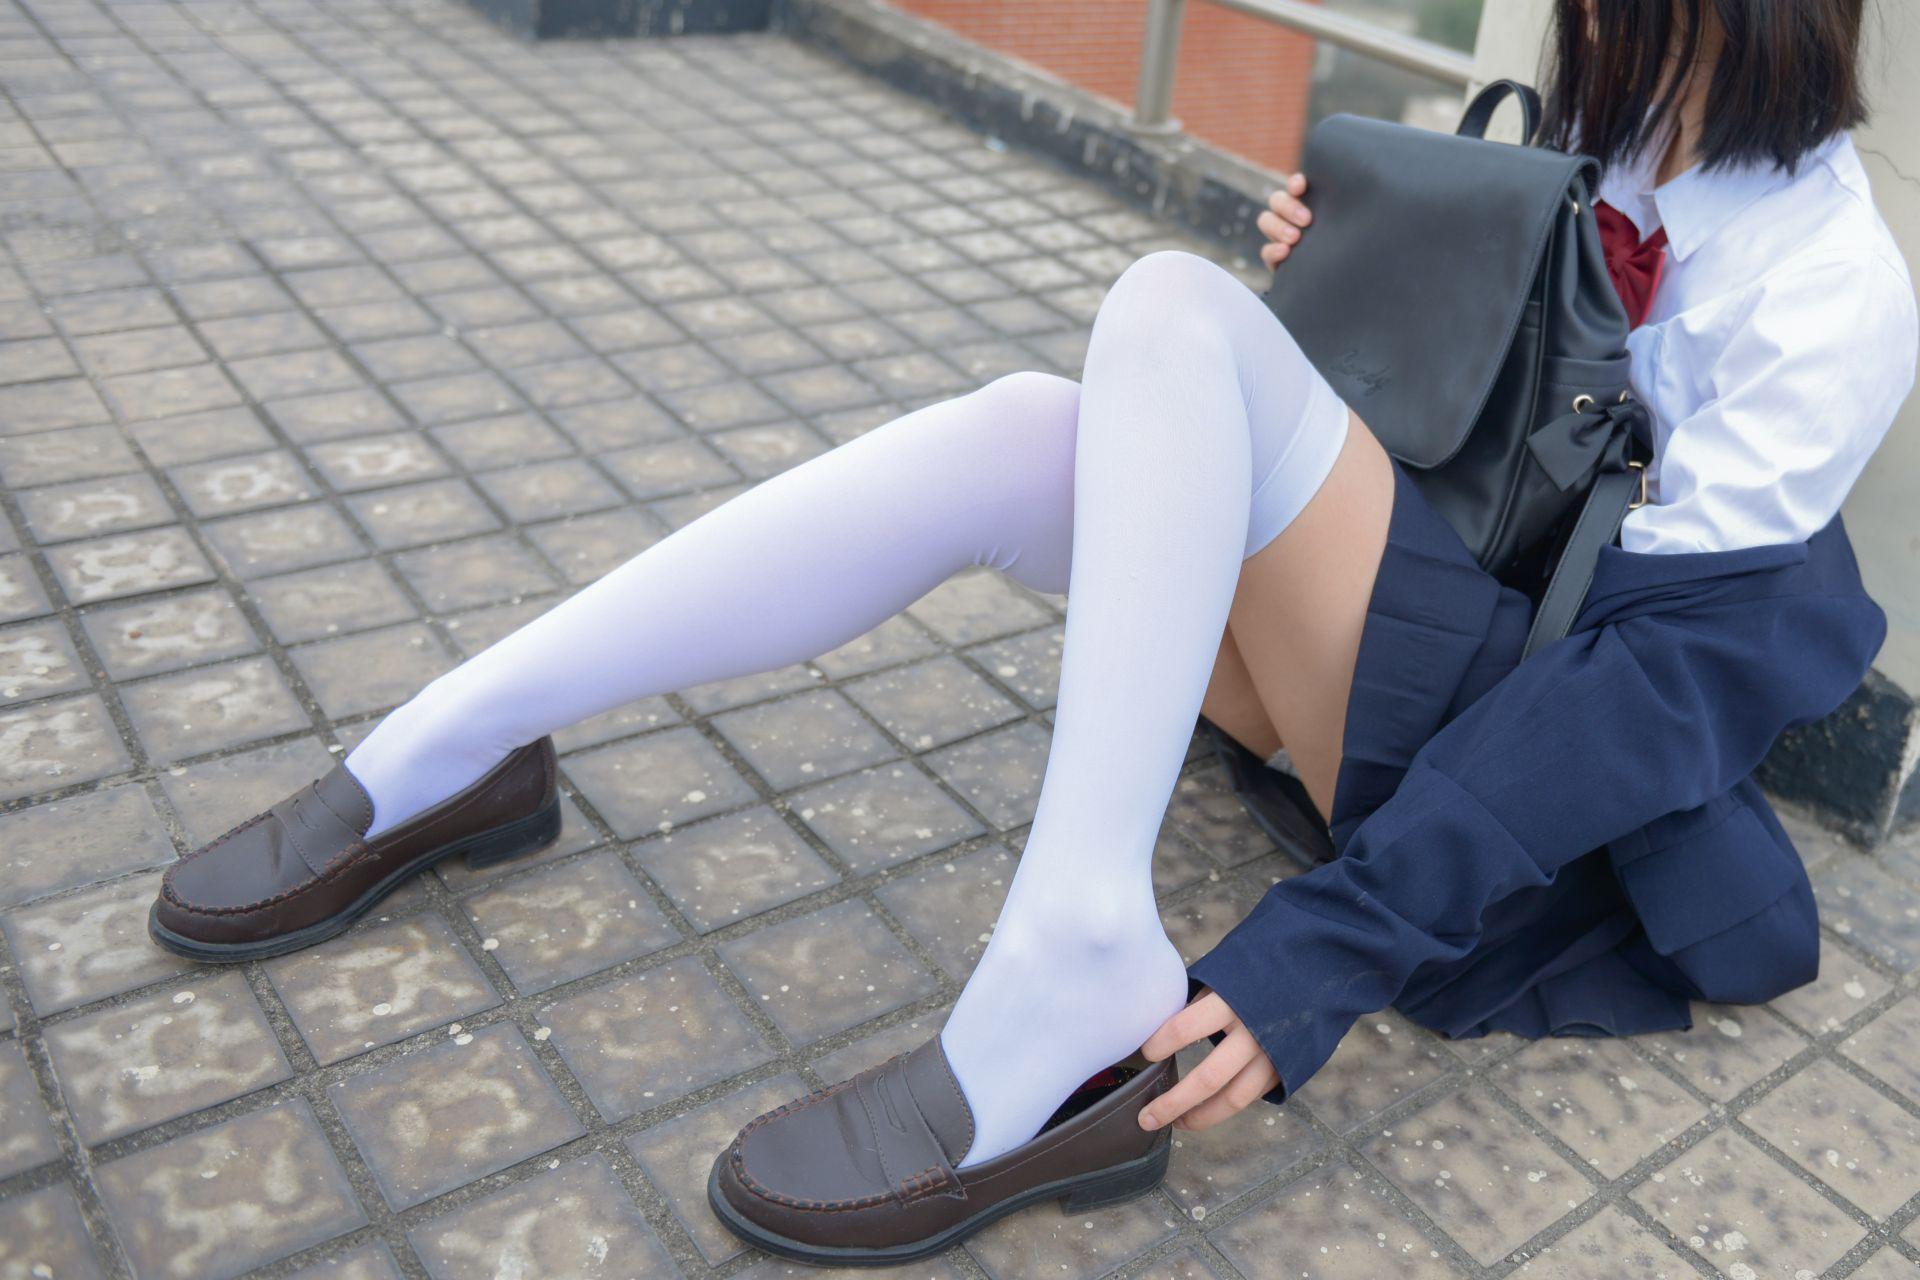 少女秩序 VOL.013 放学游戏PLAY 兔玩映画 第4张